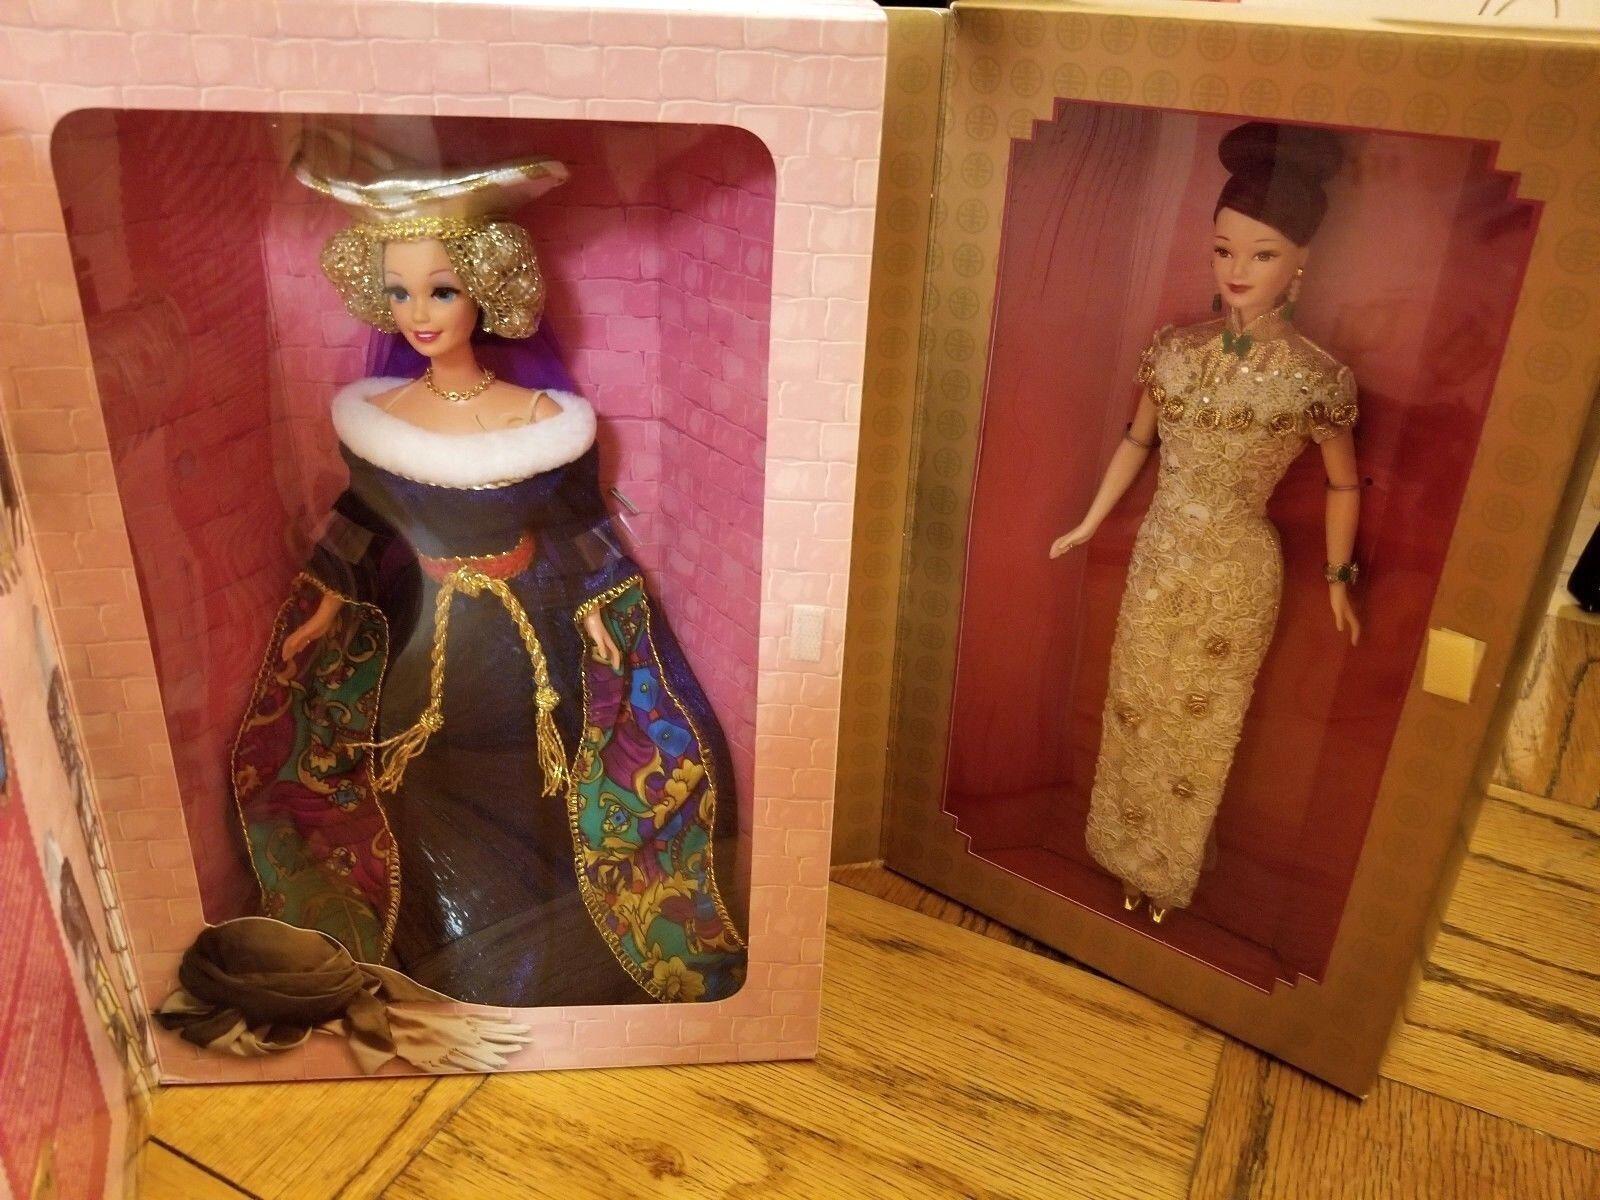 1994 große epochen barbie - sammlung mittelalterlicher lady & 1998 Goldene qi pao - barbie